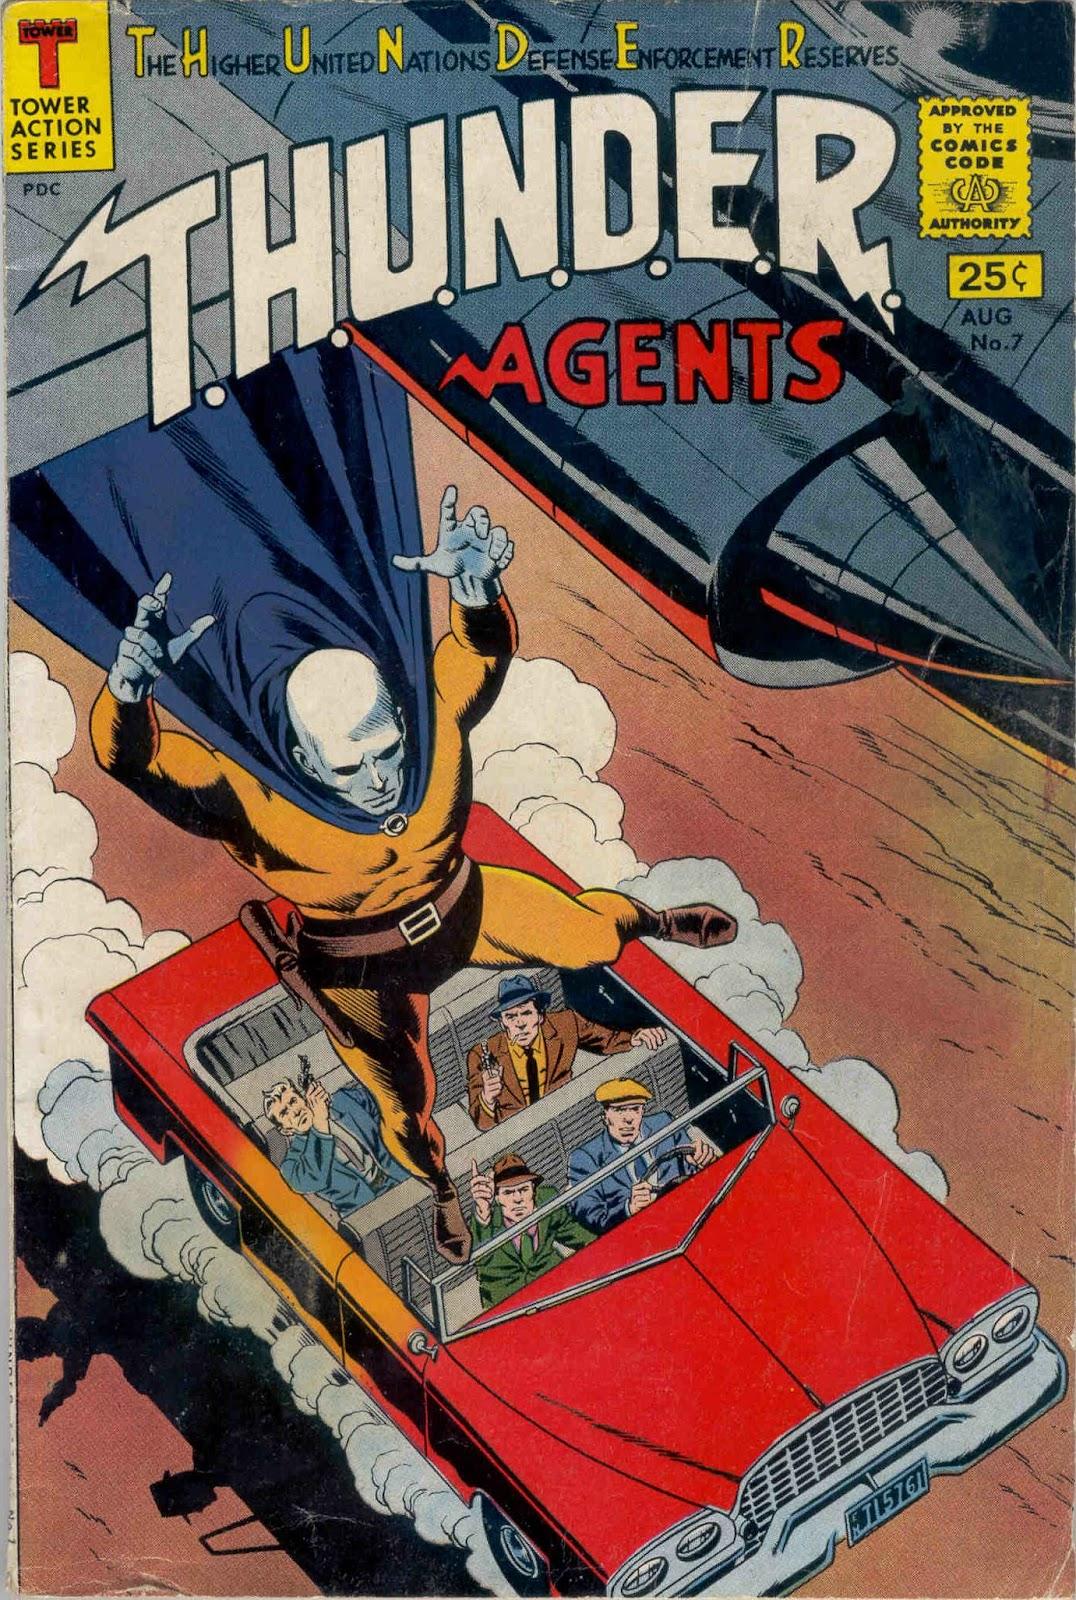 T.H.U.N.D.E.R. Agents (1965) 7 Page 1